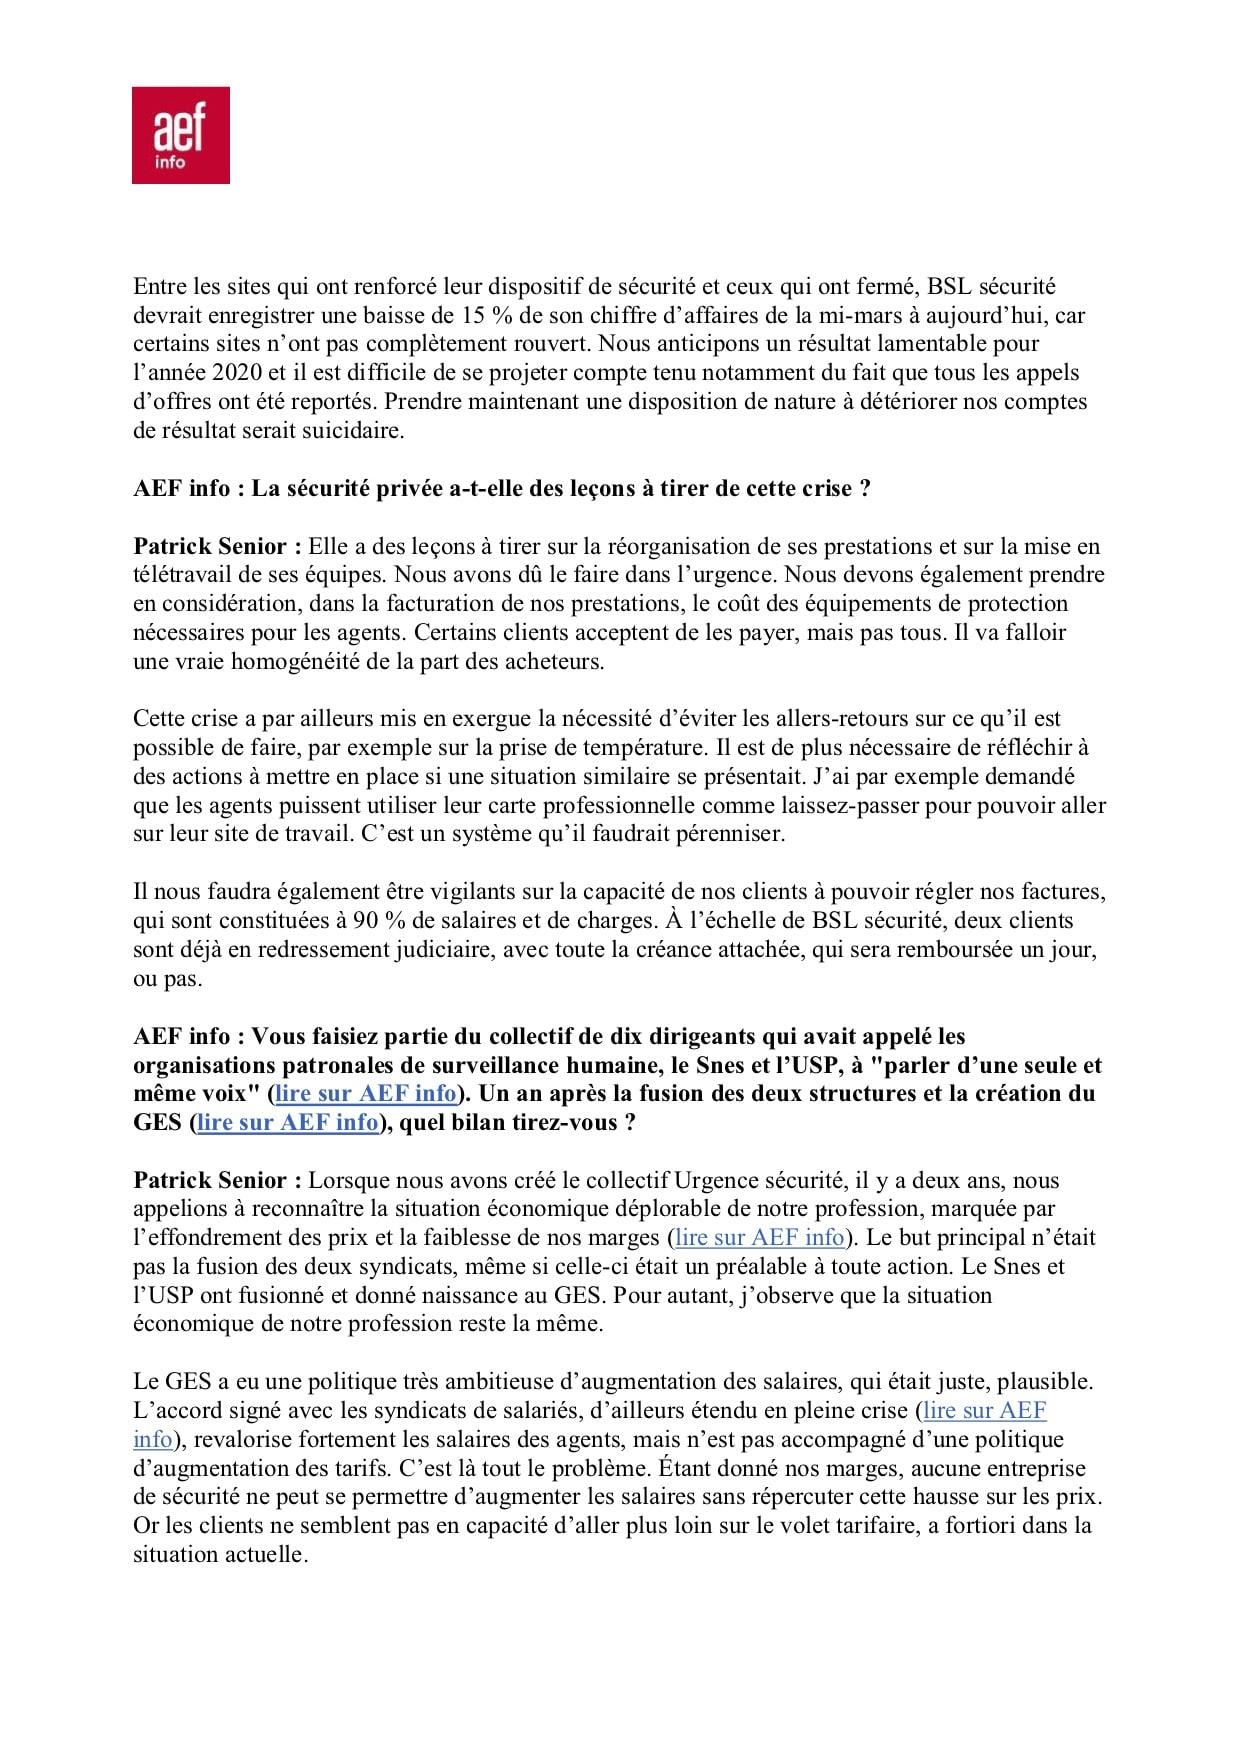 Dépéche AEF Sécurité Globale N° 628857 rédigée par Marie Desrumaux Il y a en France une non-reconnaissance du potentiel de la sécurité privée Patrick Senior BSL sécurité-3